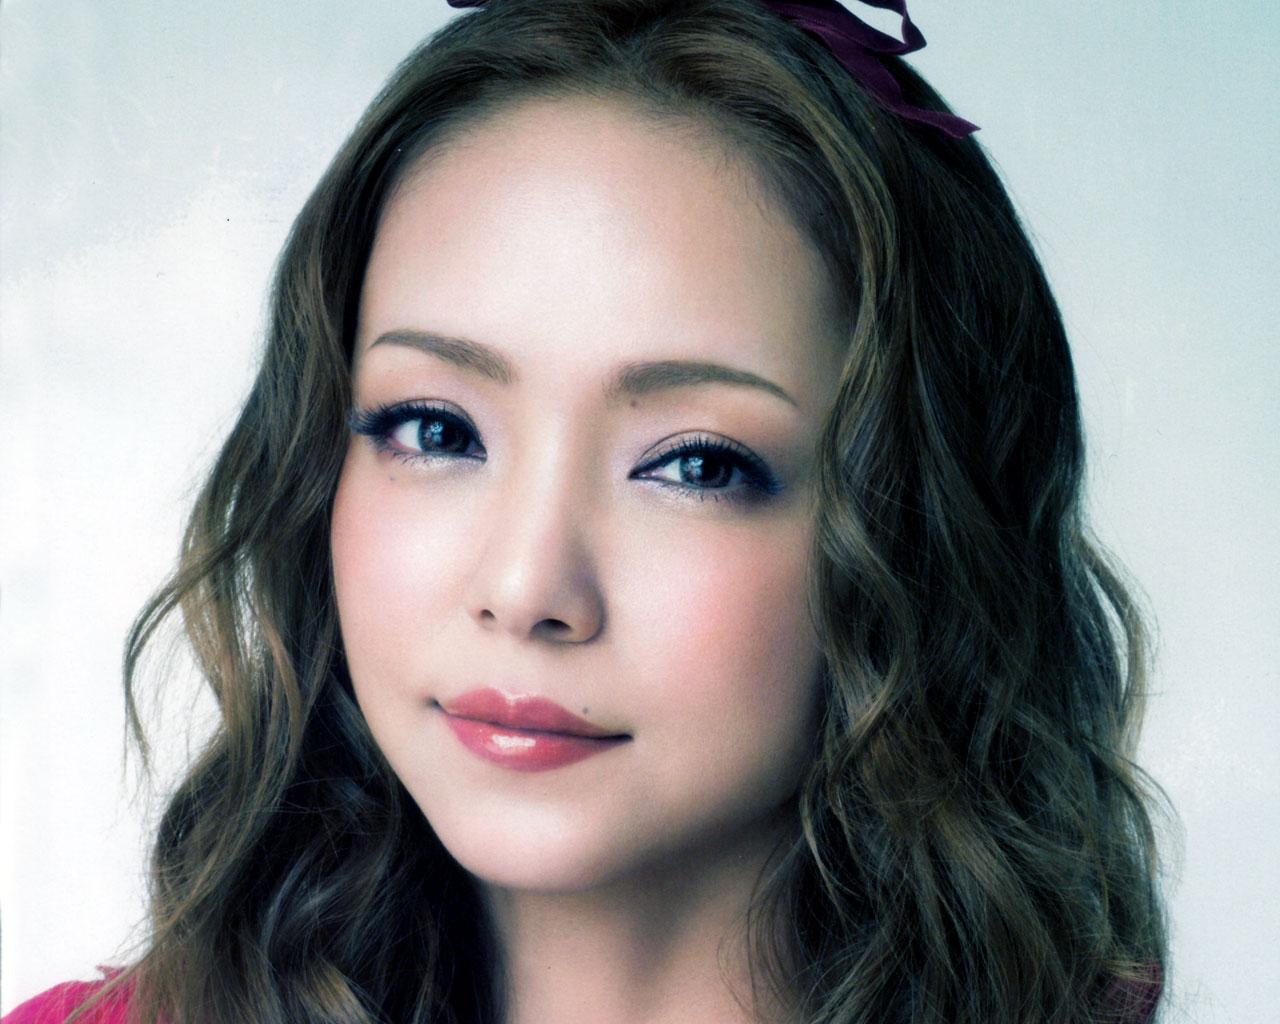 安室奈美恵、大抜擢!《ドラマ主題歌・出演したドラマ》まとめ◎のサムネイル画像